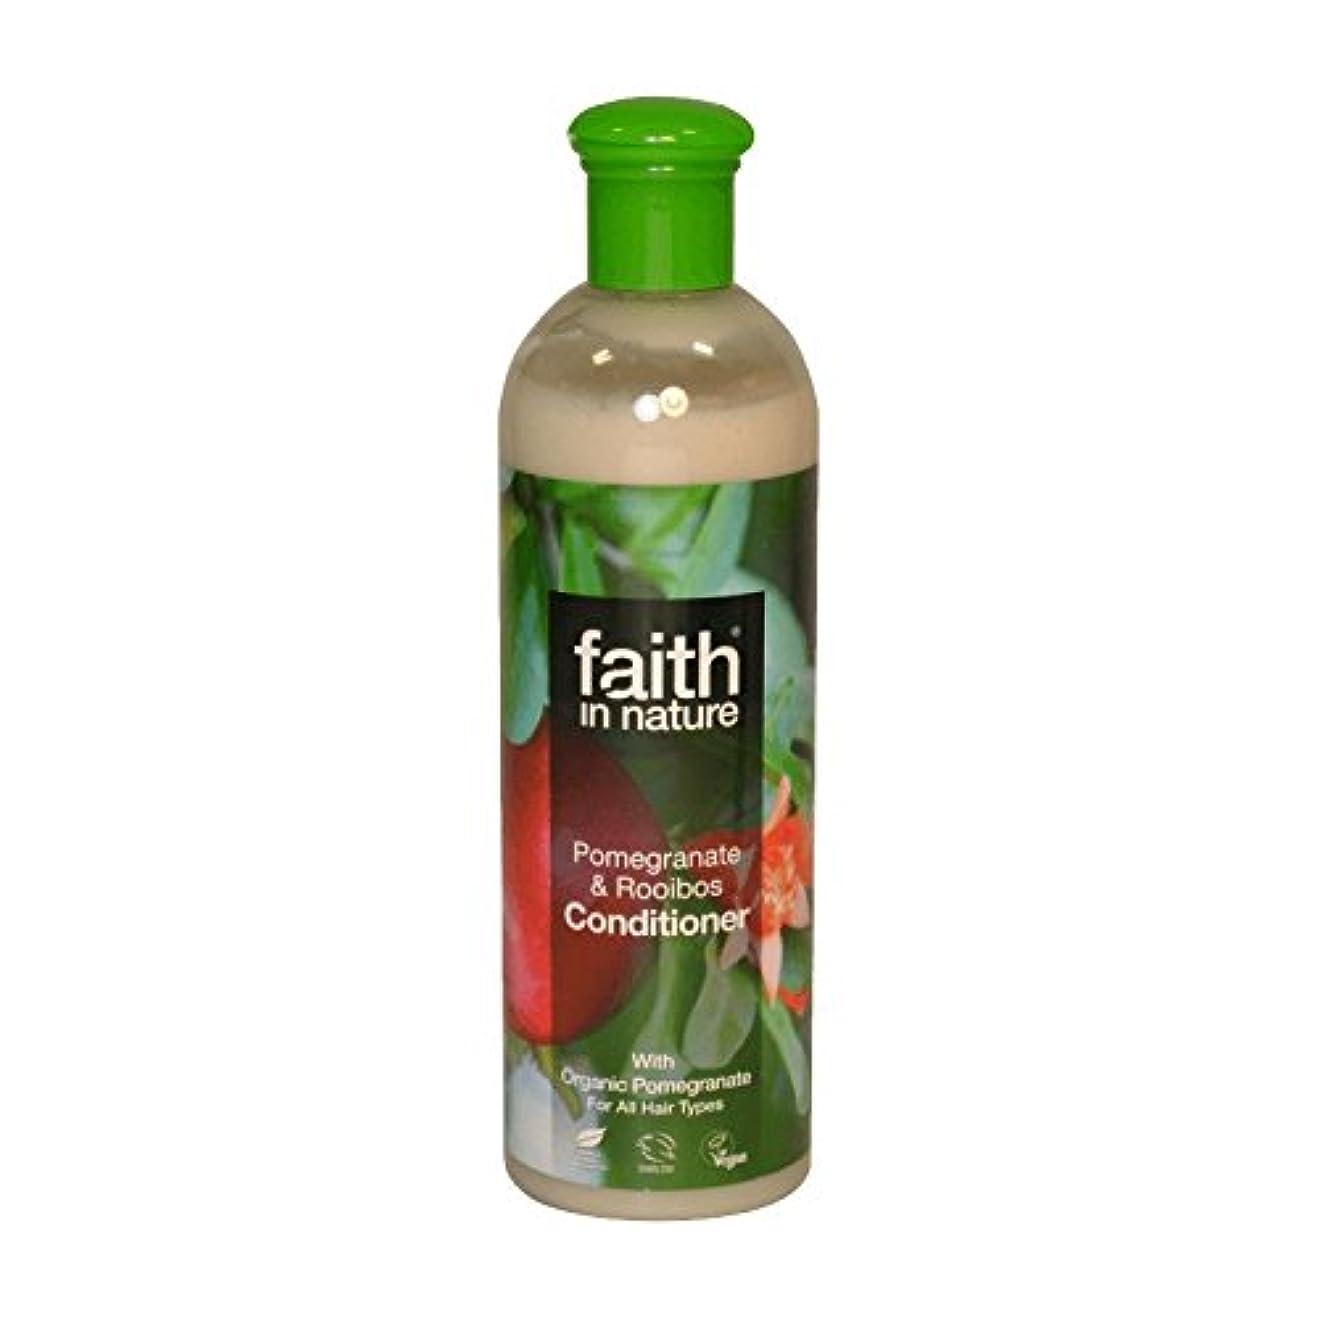 どこにでも不安導体自然ザクロ&Roobiosコンディショナー400ミリリットルの信仰 - Faith in Nature Pomegranate & Roobios Conditioner 400ml (Faith in Nature)...